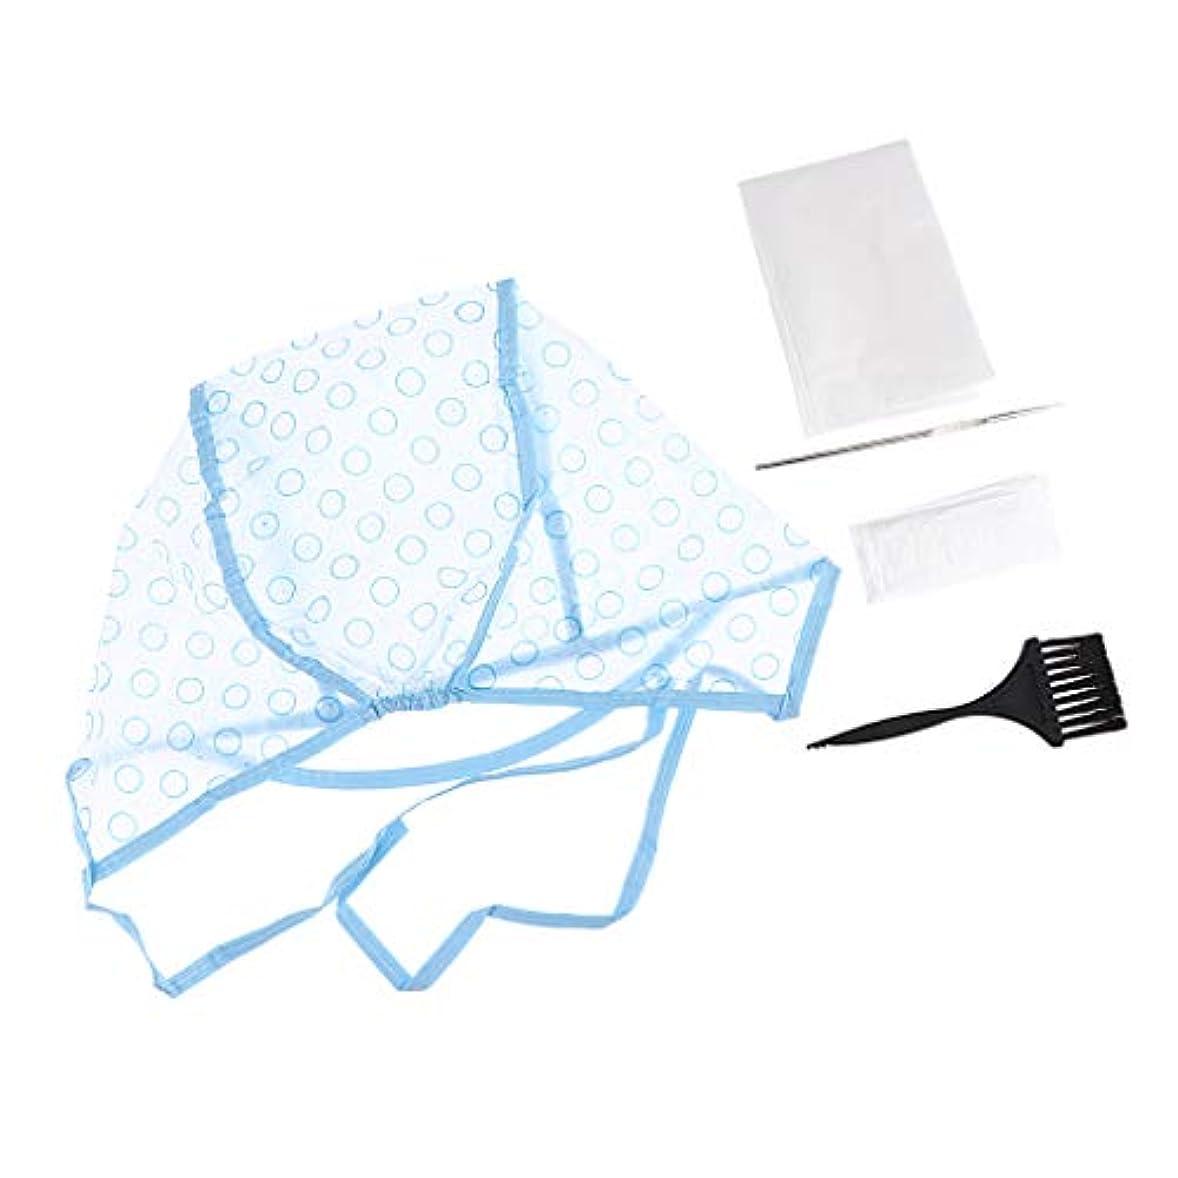 調整する発明する熱望するB Blesiya ヘアダイブラシ ヘアダイキャップ クリップ 手袋 毛染め用品セット ヘア染めツール 全5点